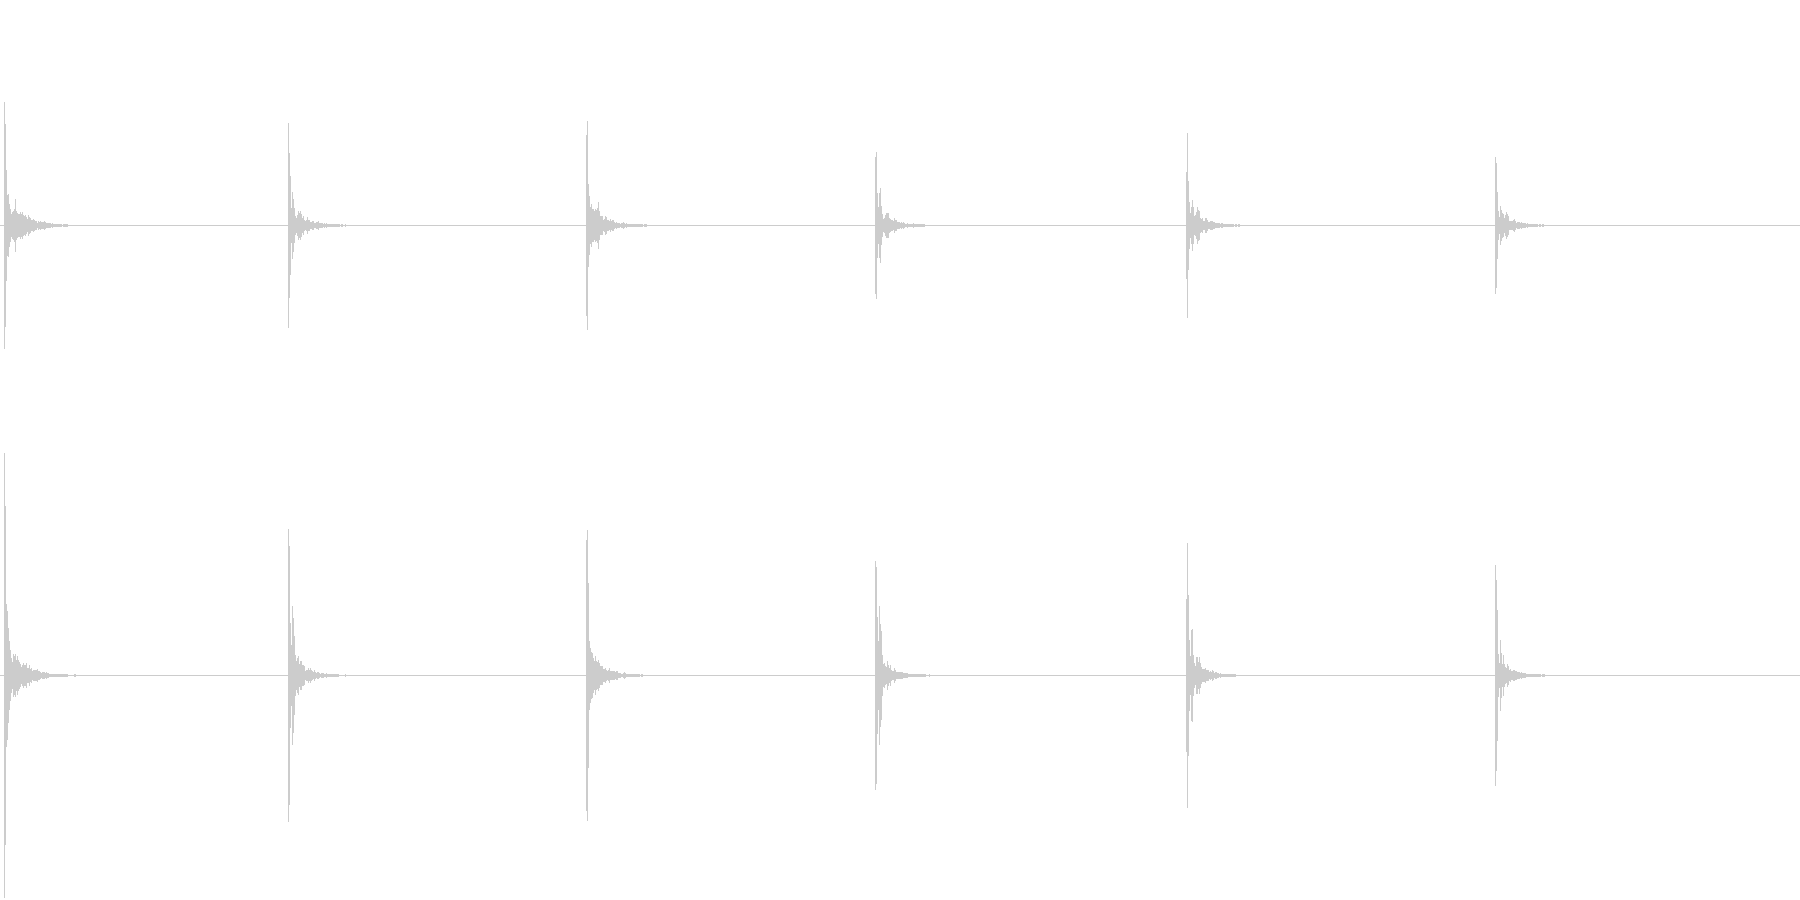 【生録音】お箸の音 1 食器とカツカツの未再生の波形